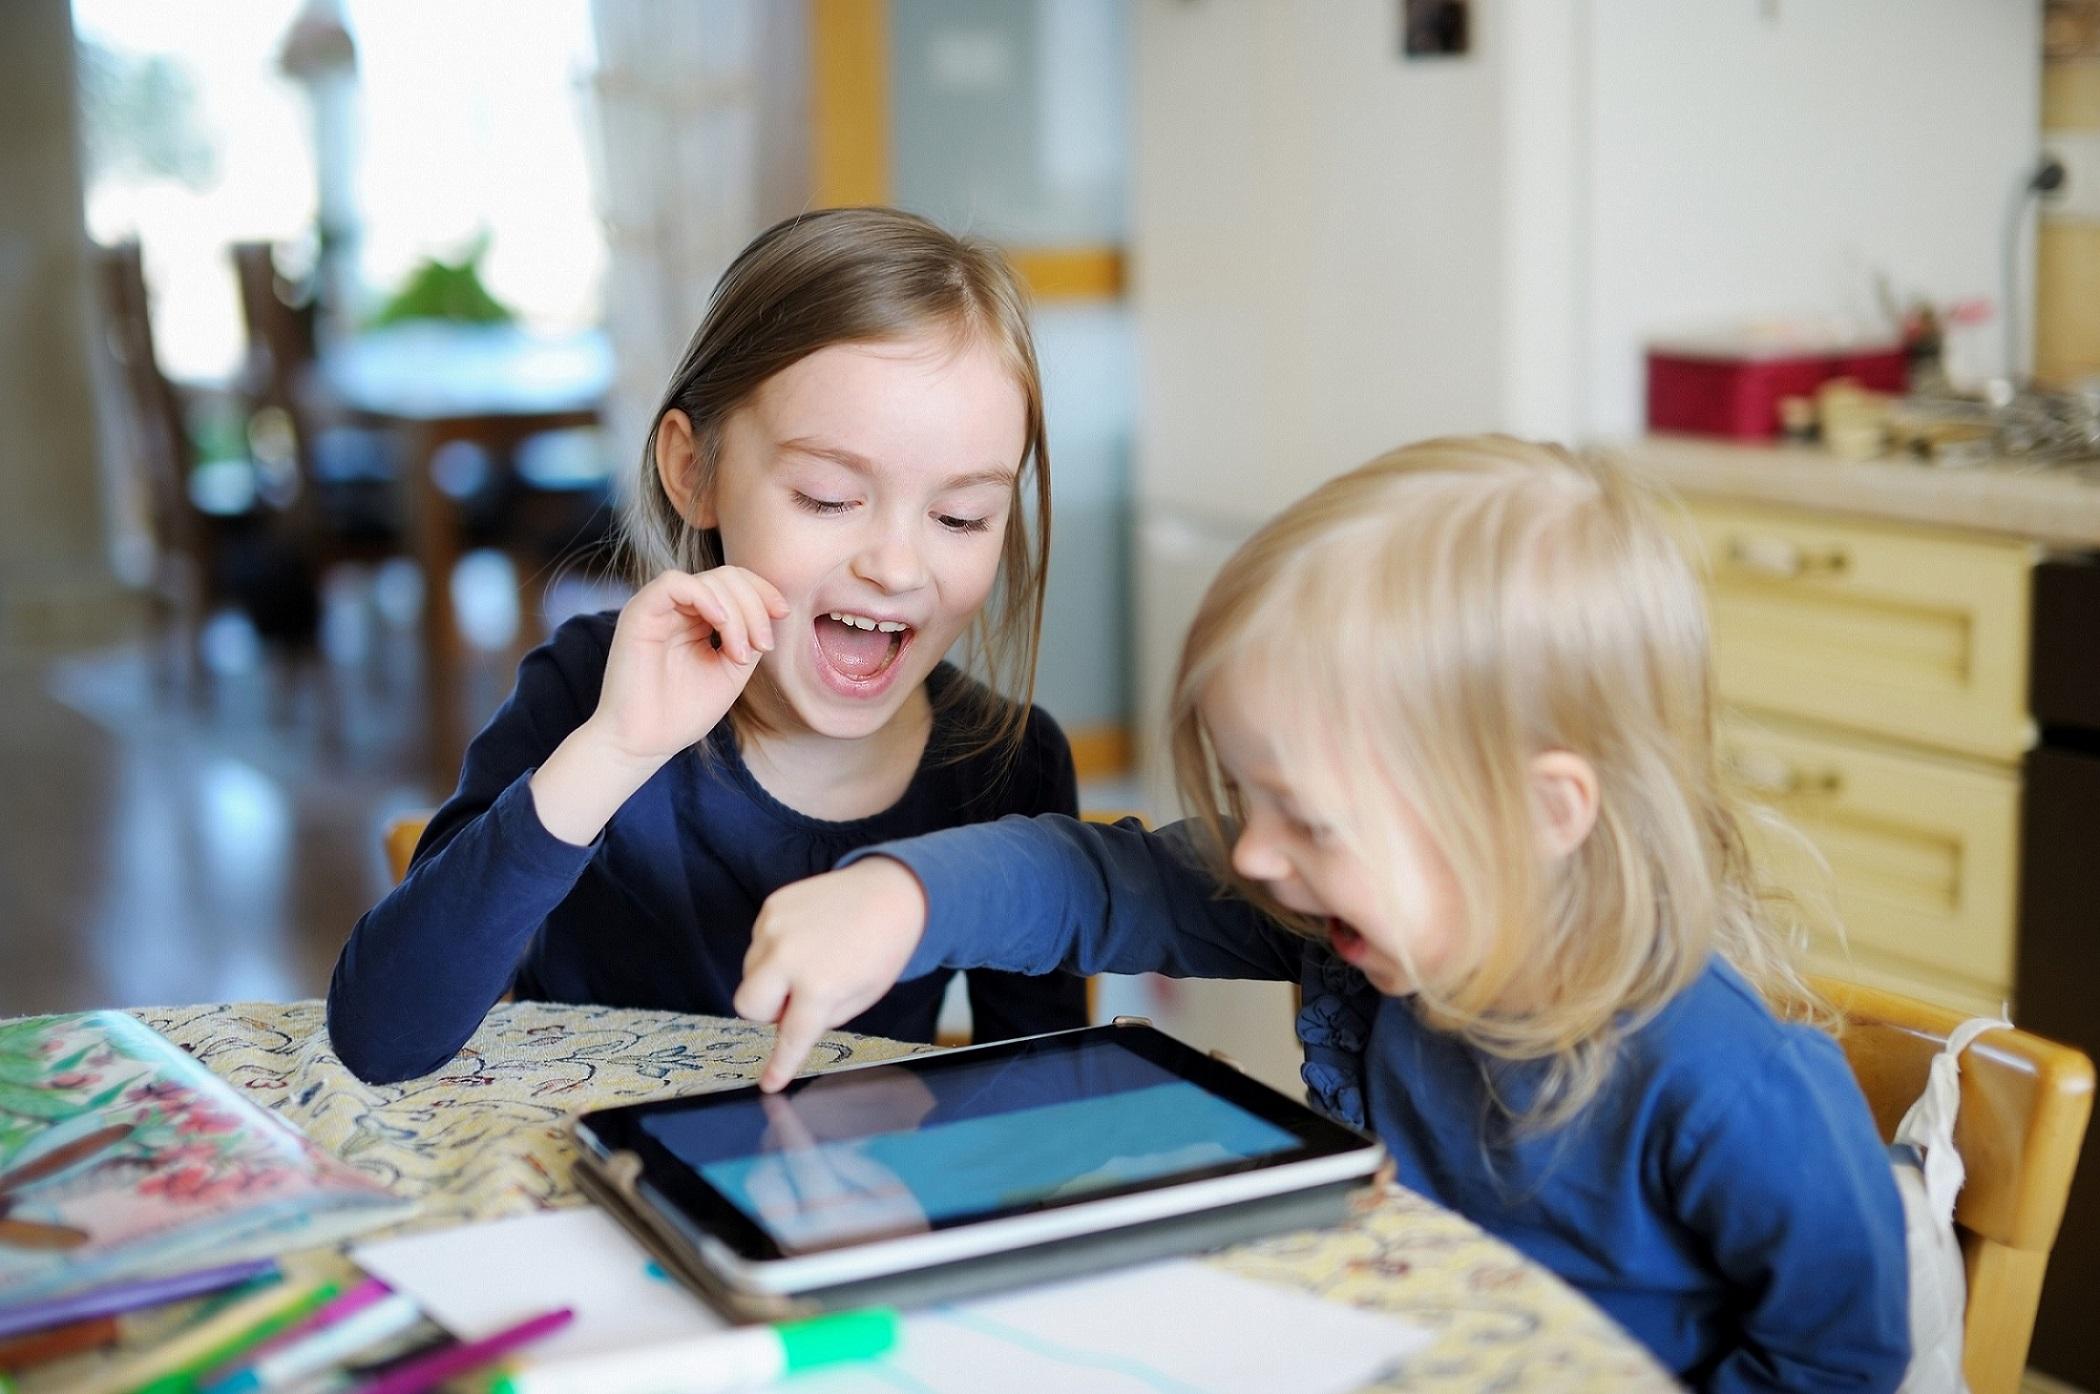 Vacaciones útiles: el aprendizaje online como la mejor alternativa para nuestros hijos